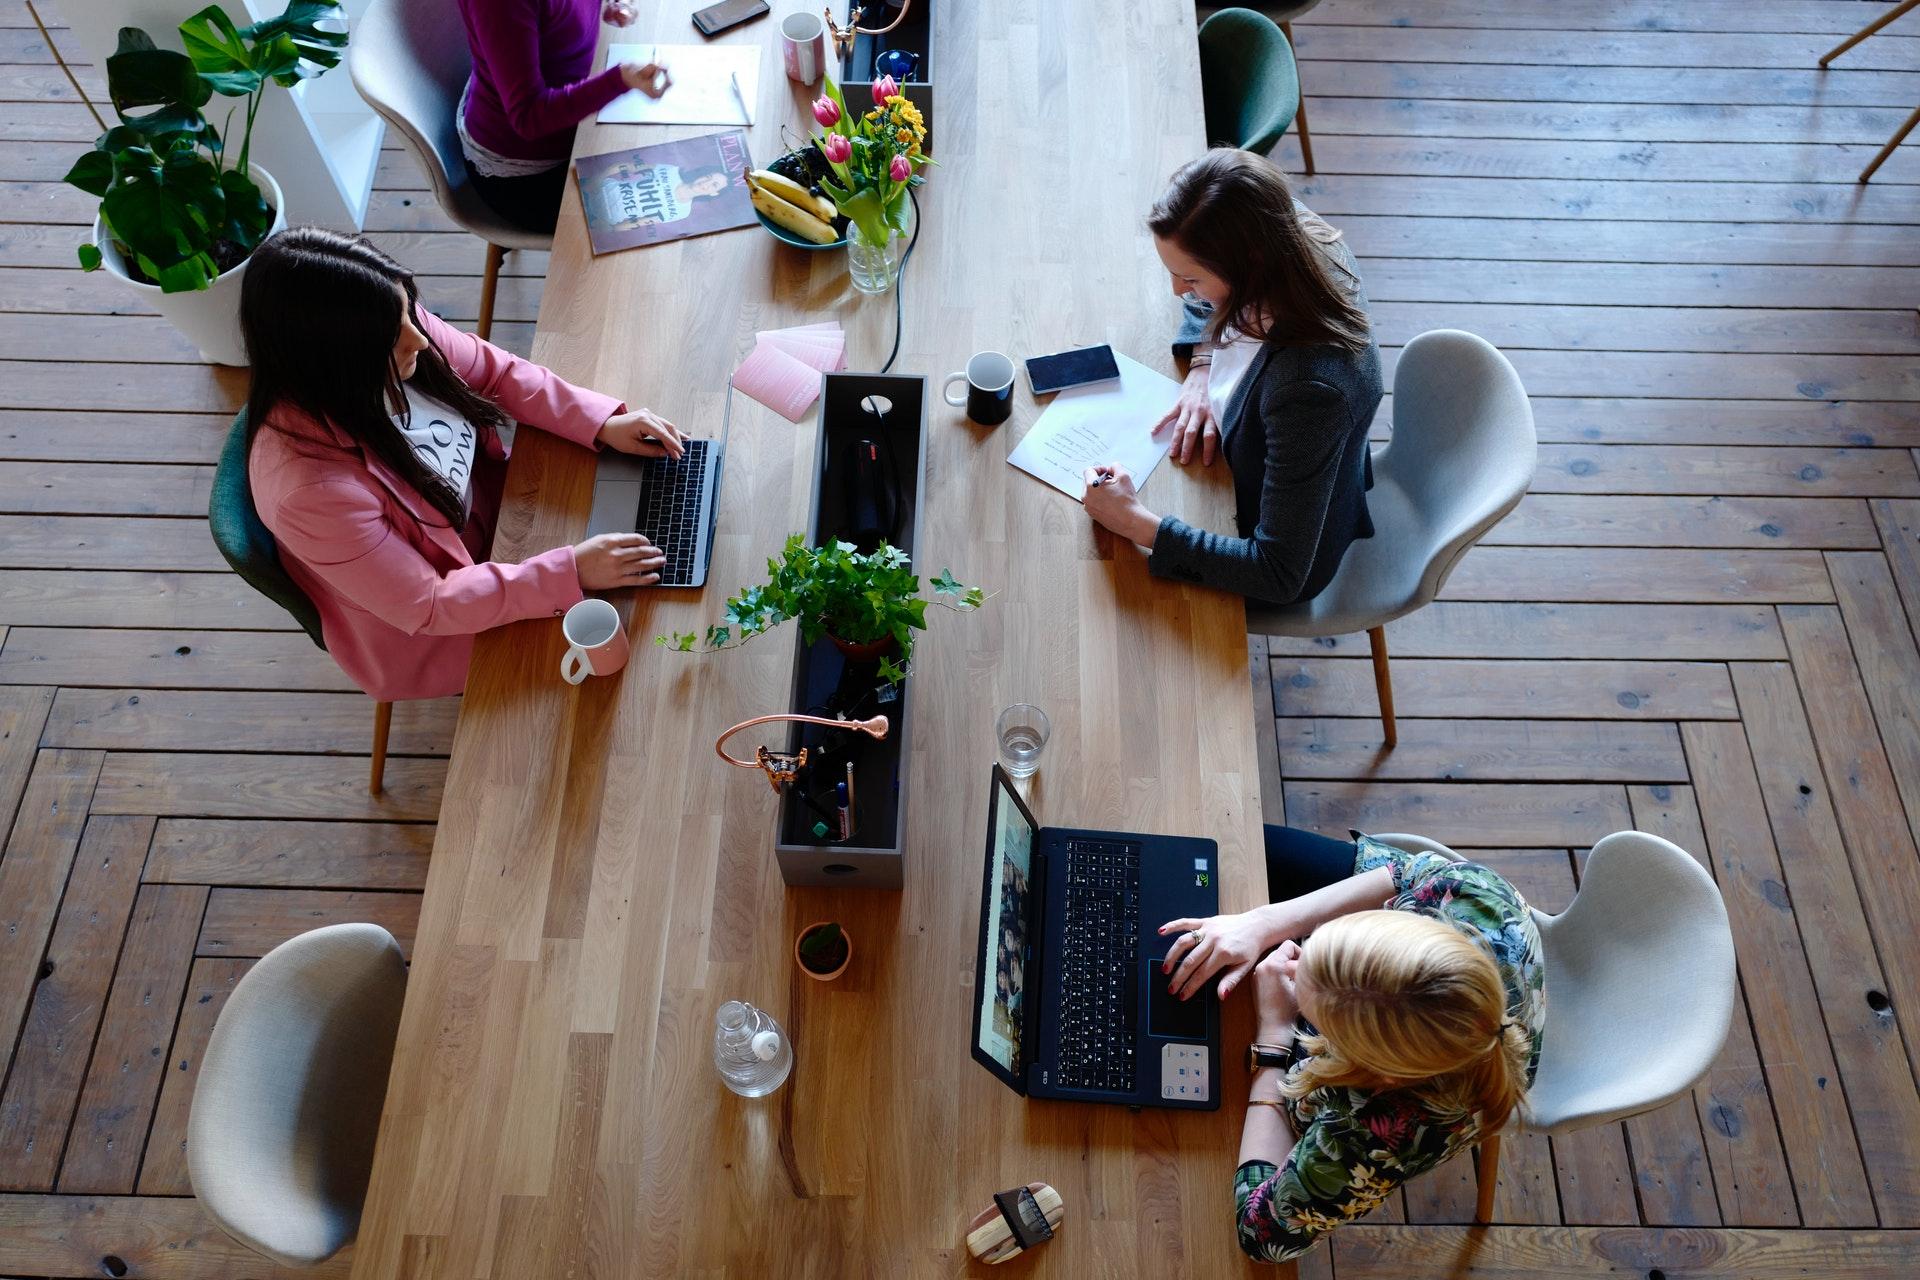 Podcasten im Coworking - Australien macht's vor